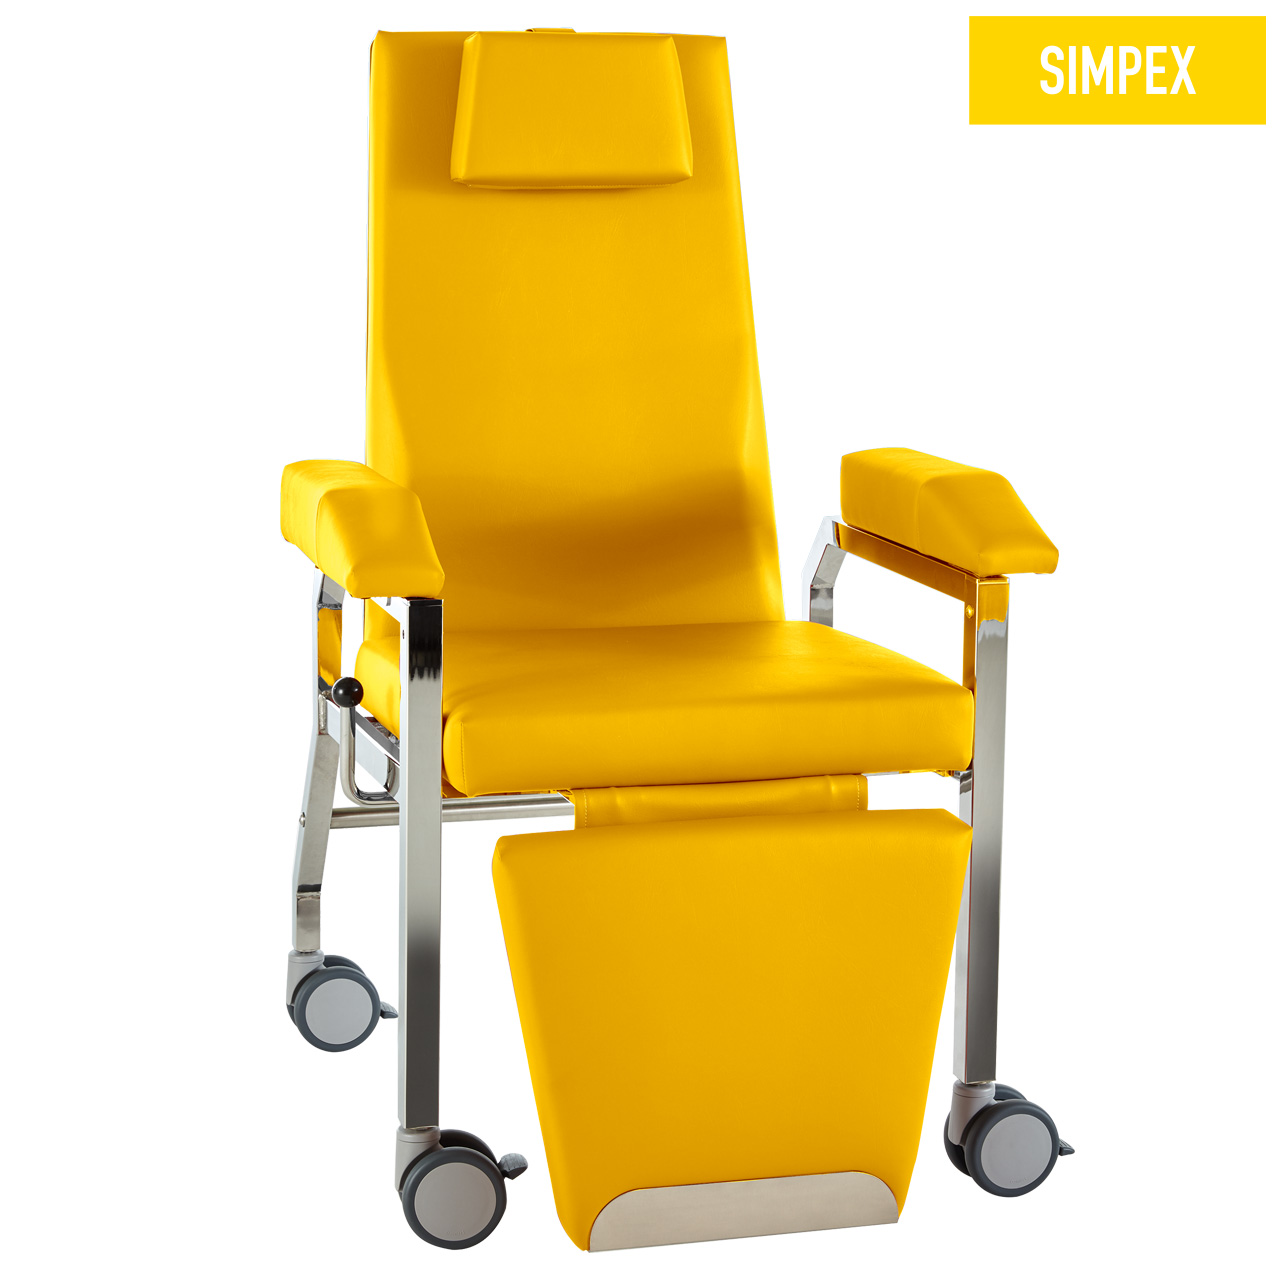 Blutentnahmestuhl Liegesessel HAEMO-FLEXA Cuneo Mobil mit Kunstleder in gelb (mais) und einem Gestell aus Stahl verchromt von SIMPEX